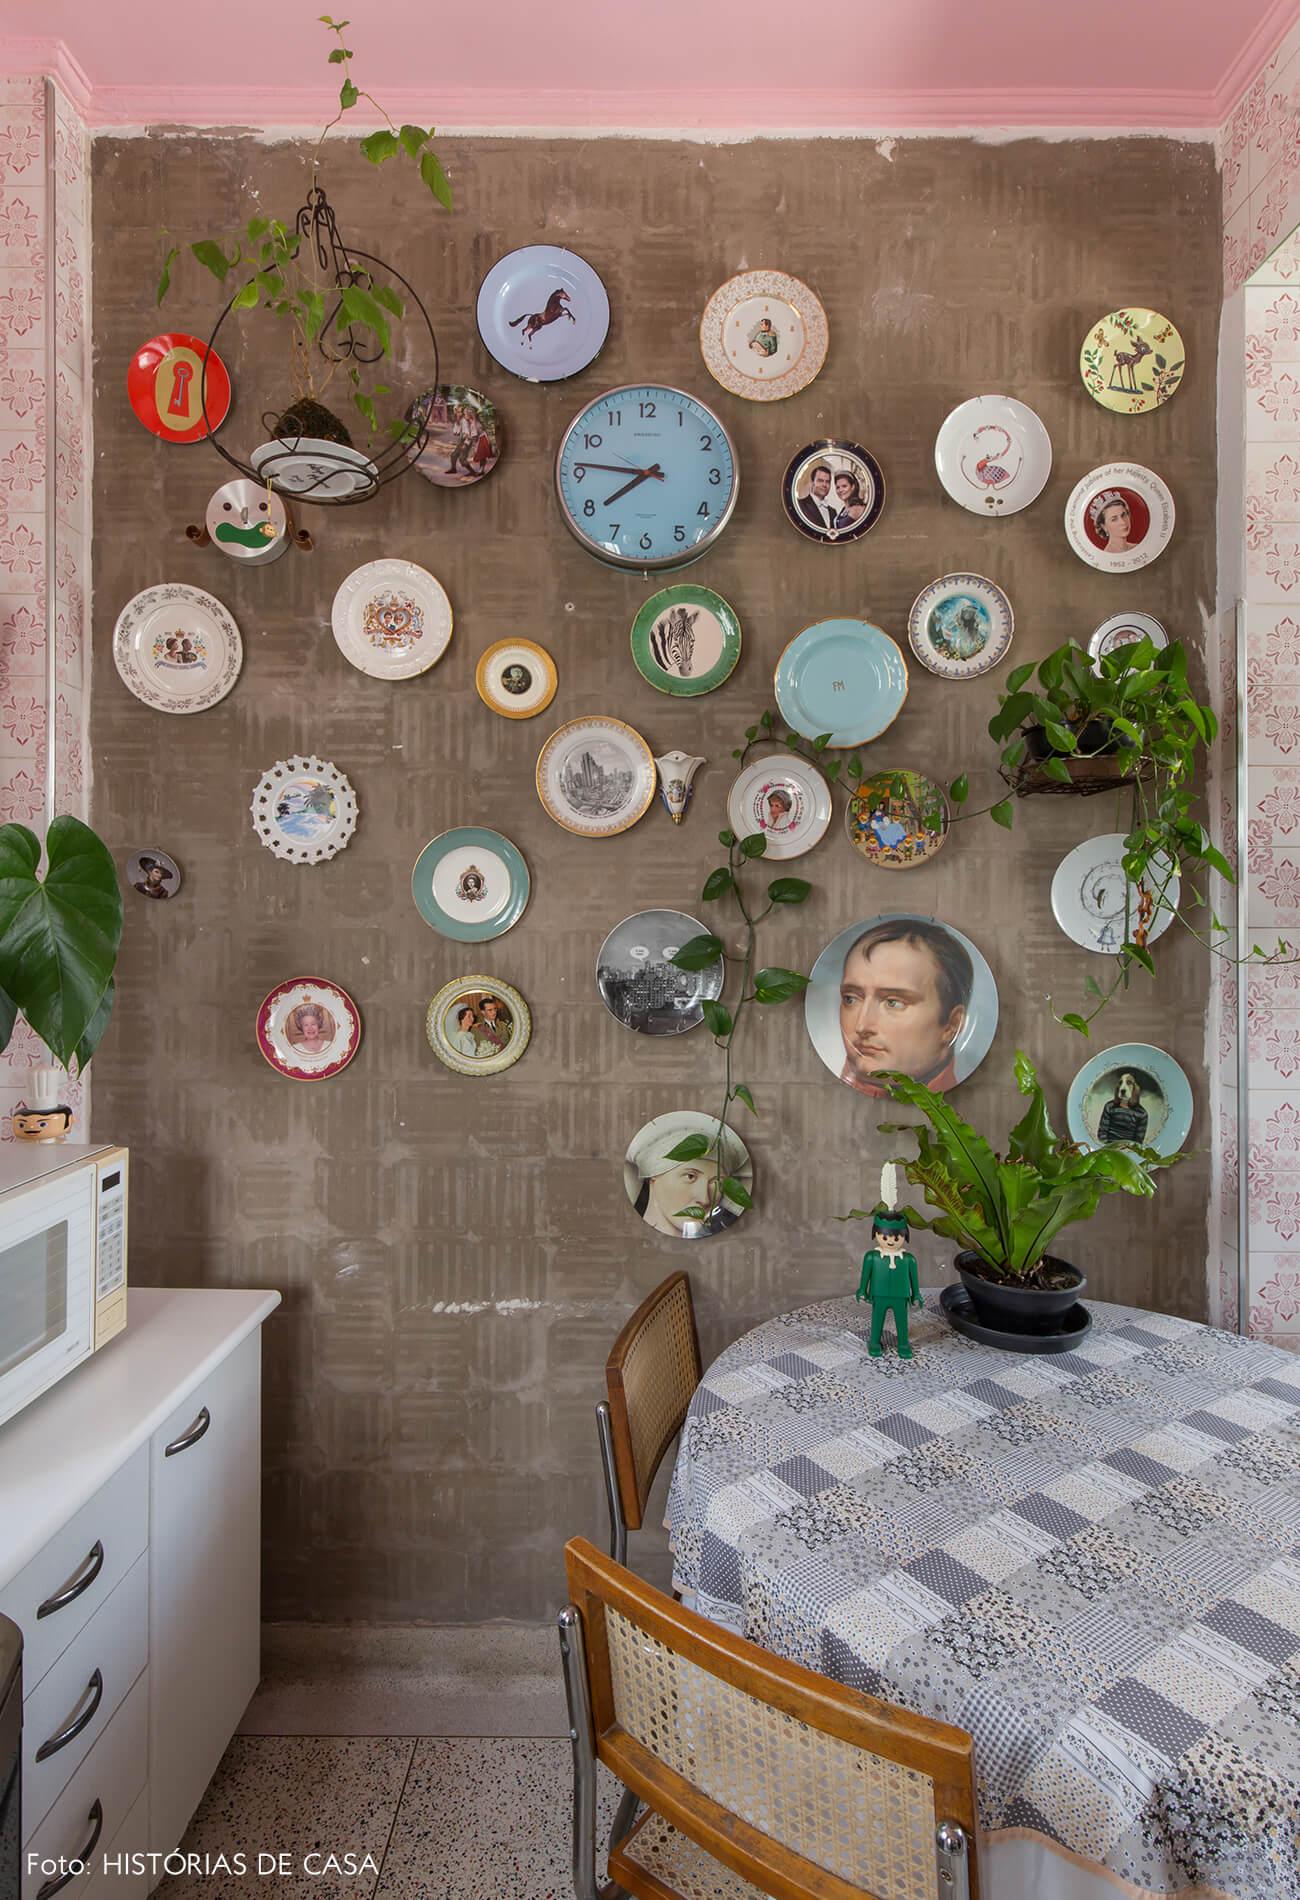 cozinha-com-azulejos-rosa-e-pratos-decorativos